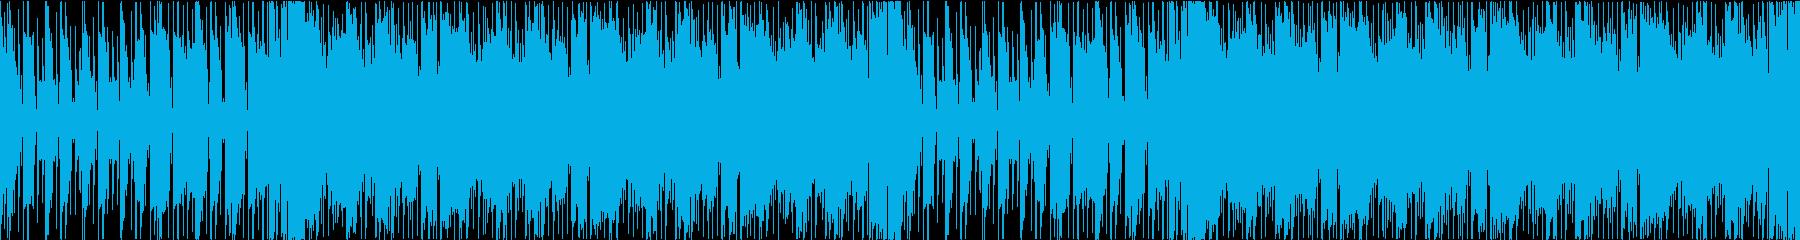 緊張感のあるギター系インストの再生済みの波形